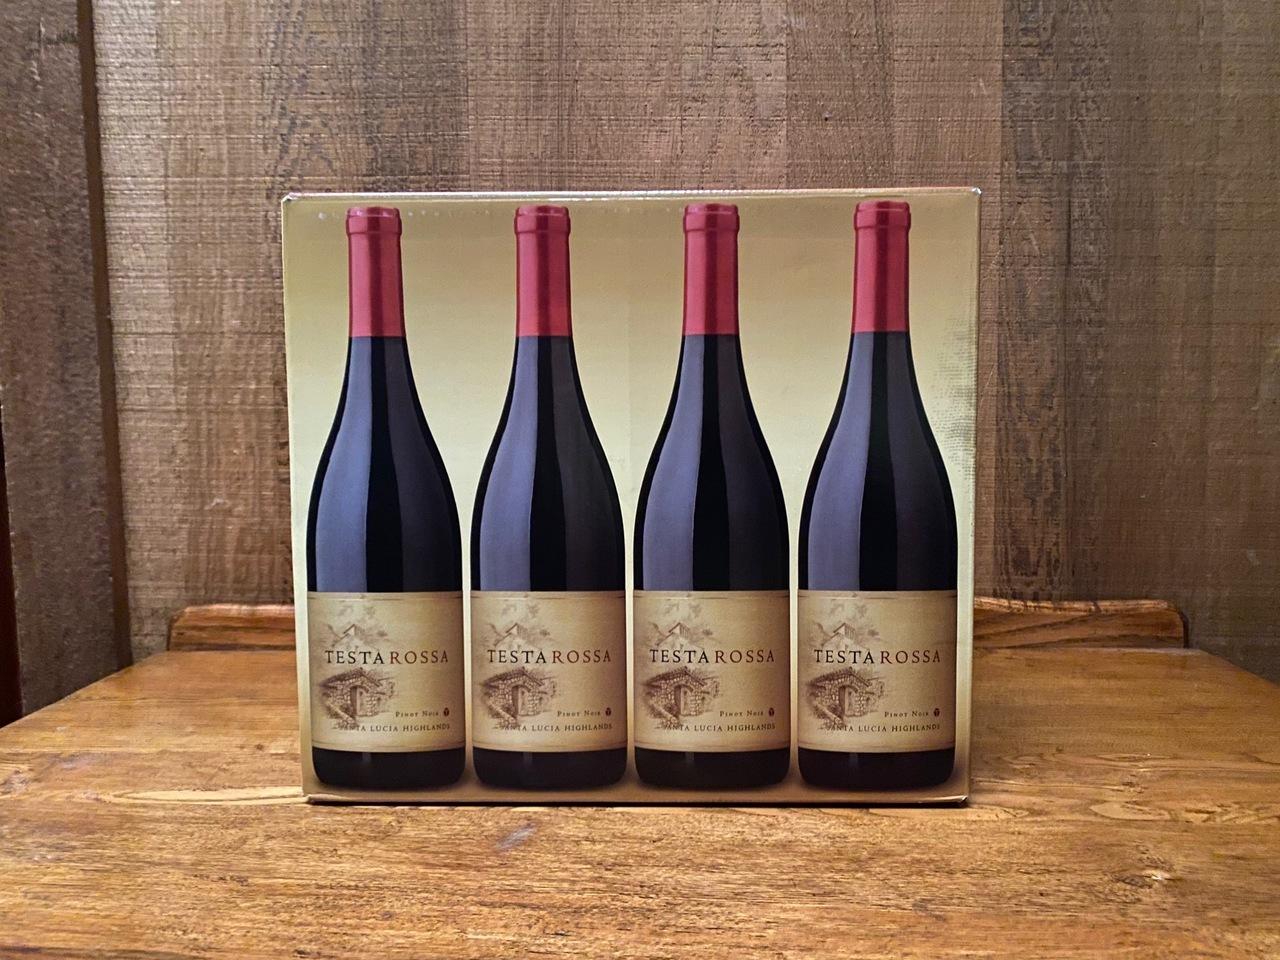 Case (12 bottles) of 2018 Testarossa Pinot Noir